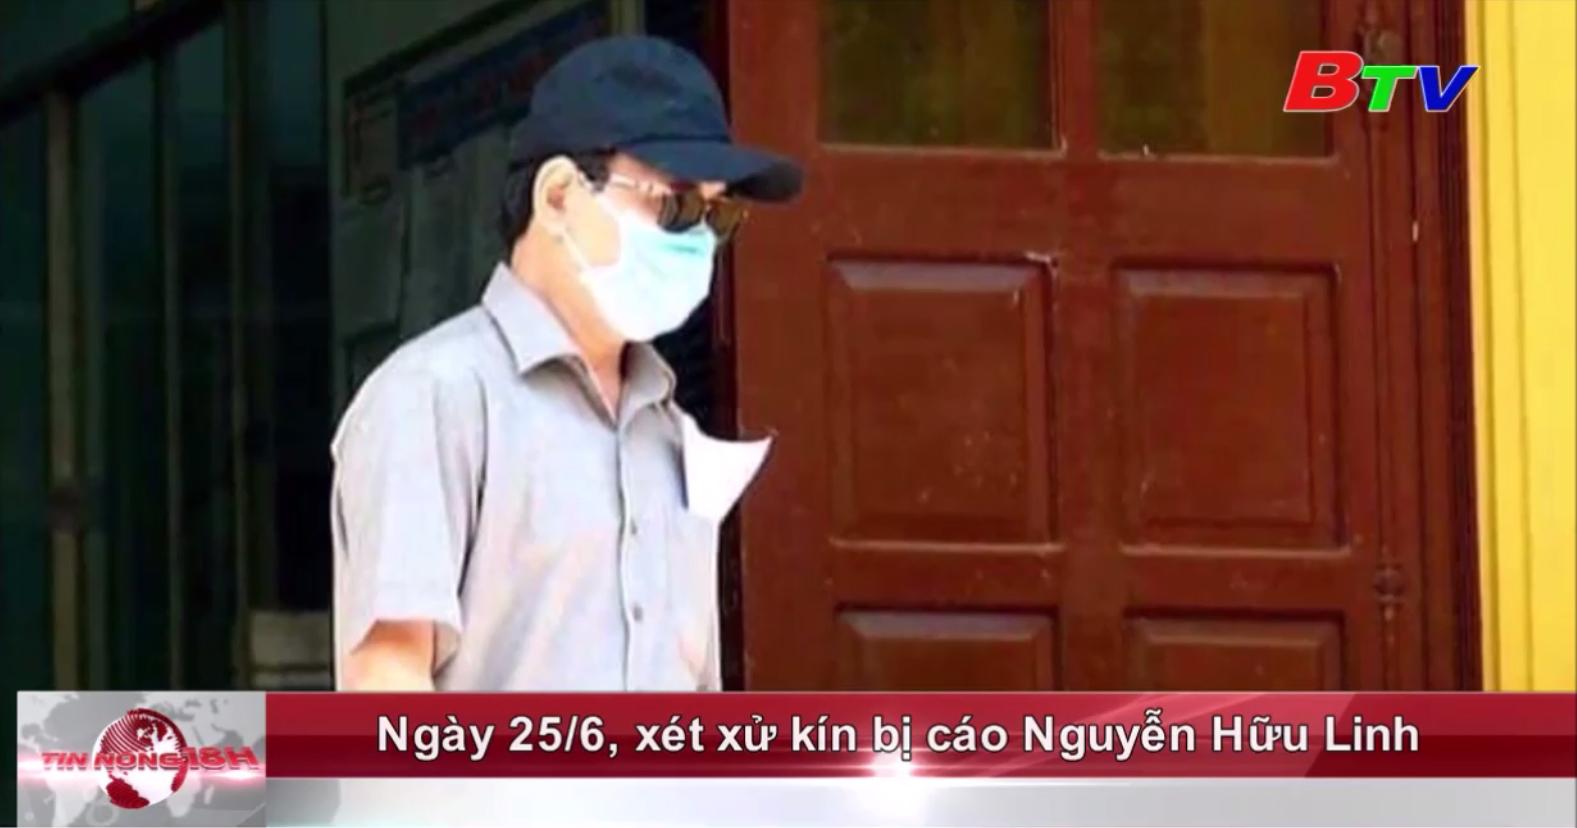 Ngày 25/6, xét xử kín bị cáo Nguyễn Hữu Linh